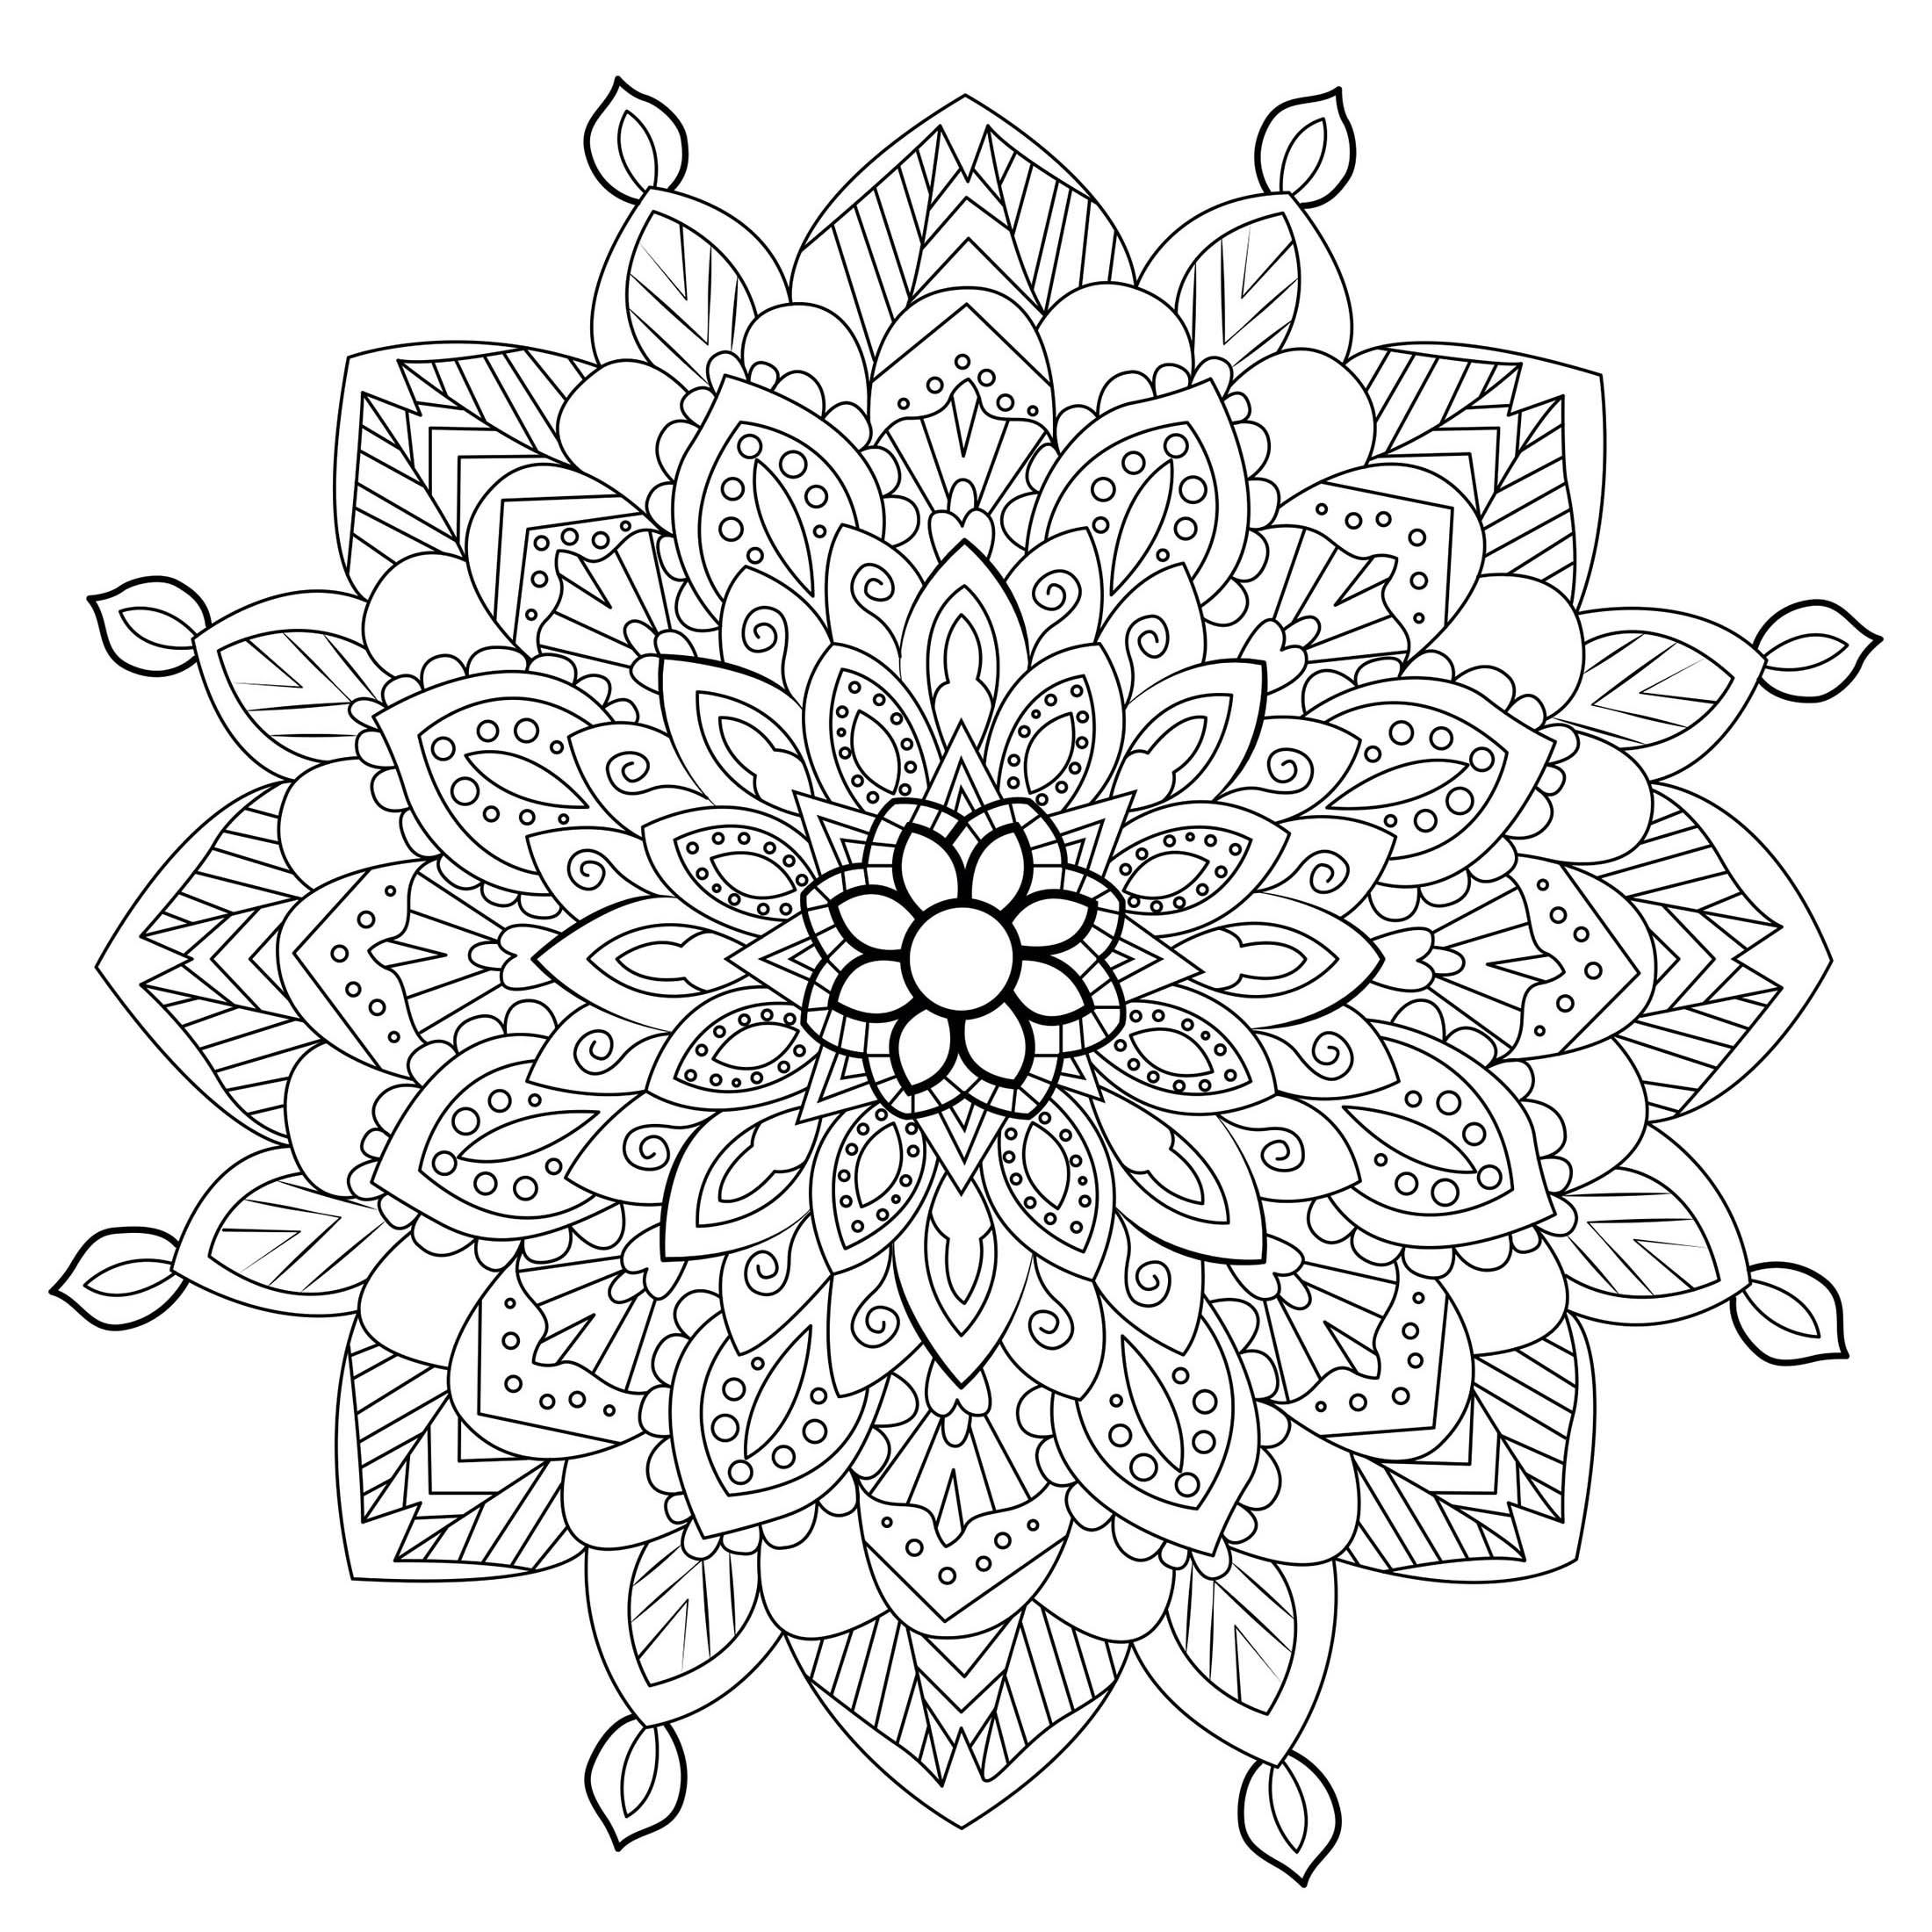 Mandala 3 mandalas coloriages difficiles pour adultes - Coloriage adulte a imprimer anti stress ...